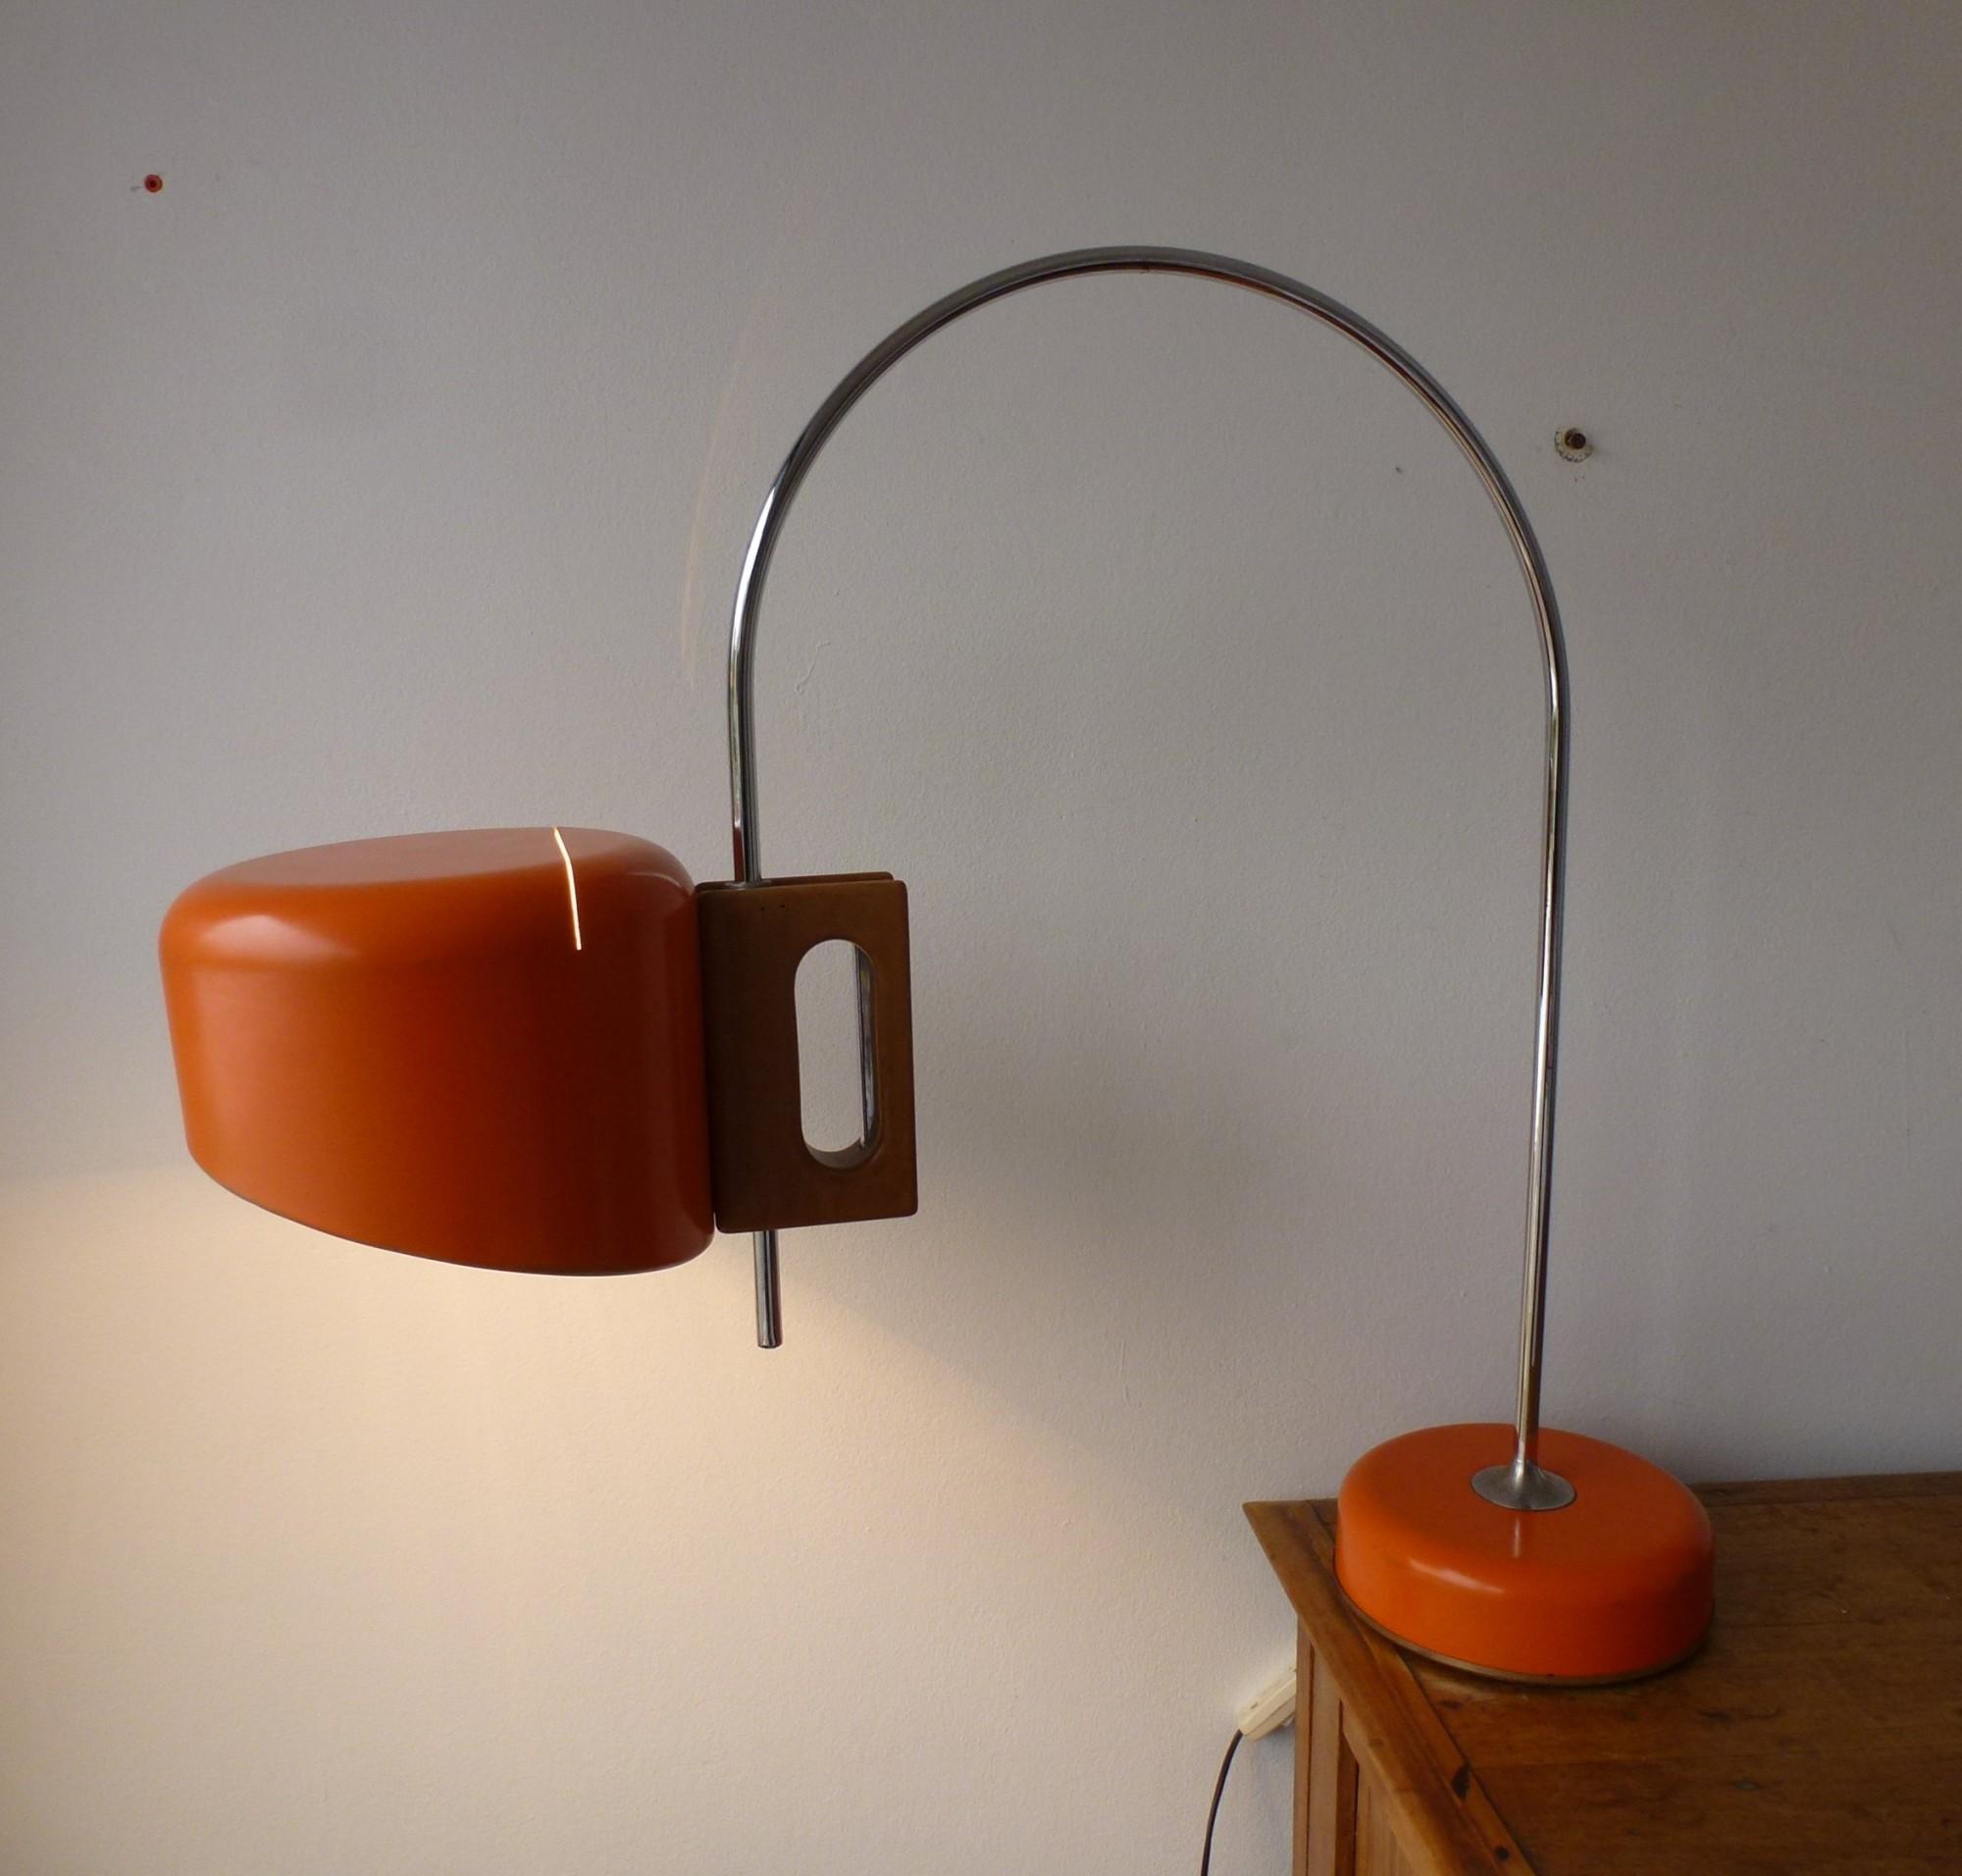 lampe de Joe Colombo, composée d'un fût de métal qui passe à travers une pièce de bois qui en fait toute l'originalité